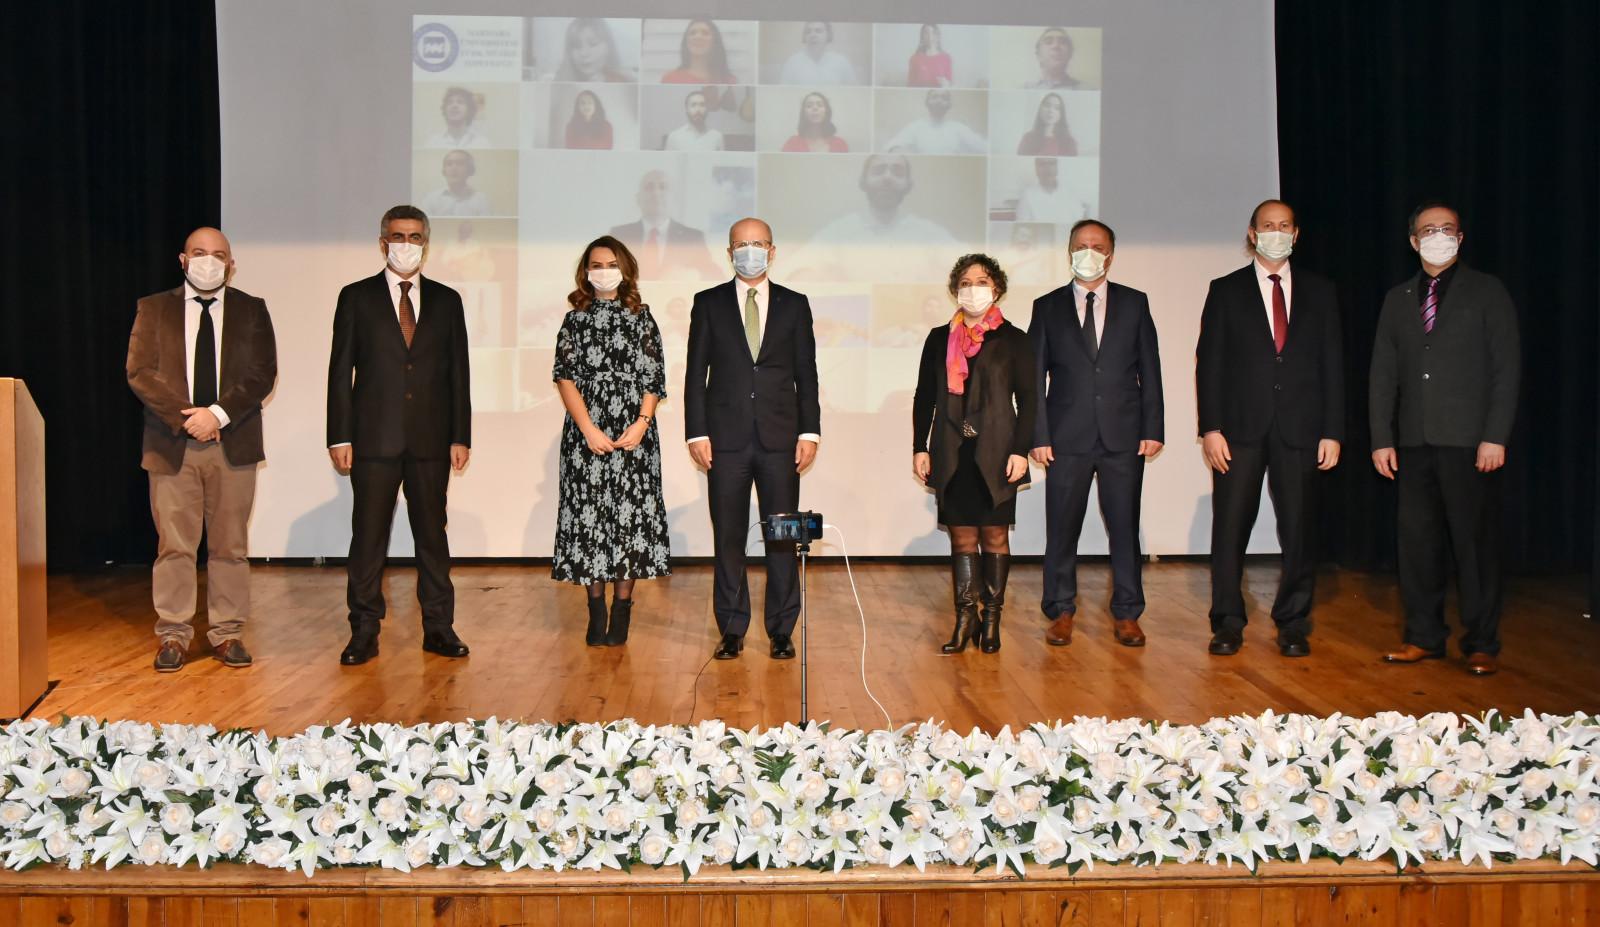 Marmara Üniversitesi 2019 Akademik Yayın ve Proje Ödülleri Töreni Gerçekleştirildi